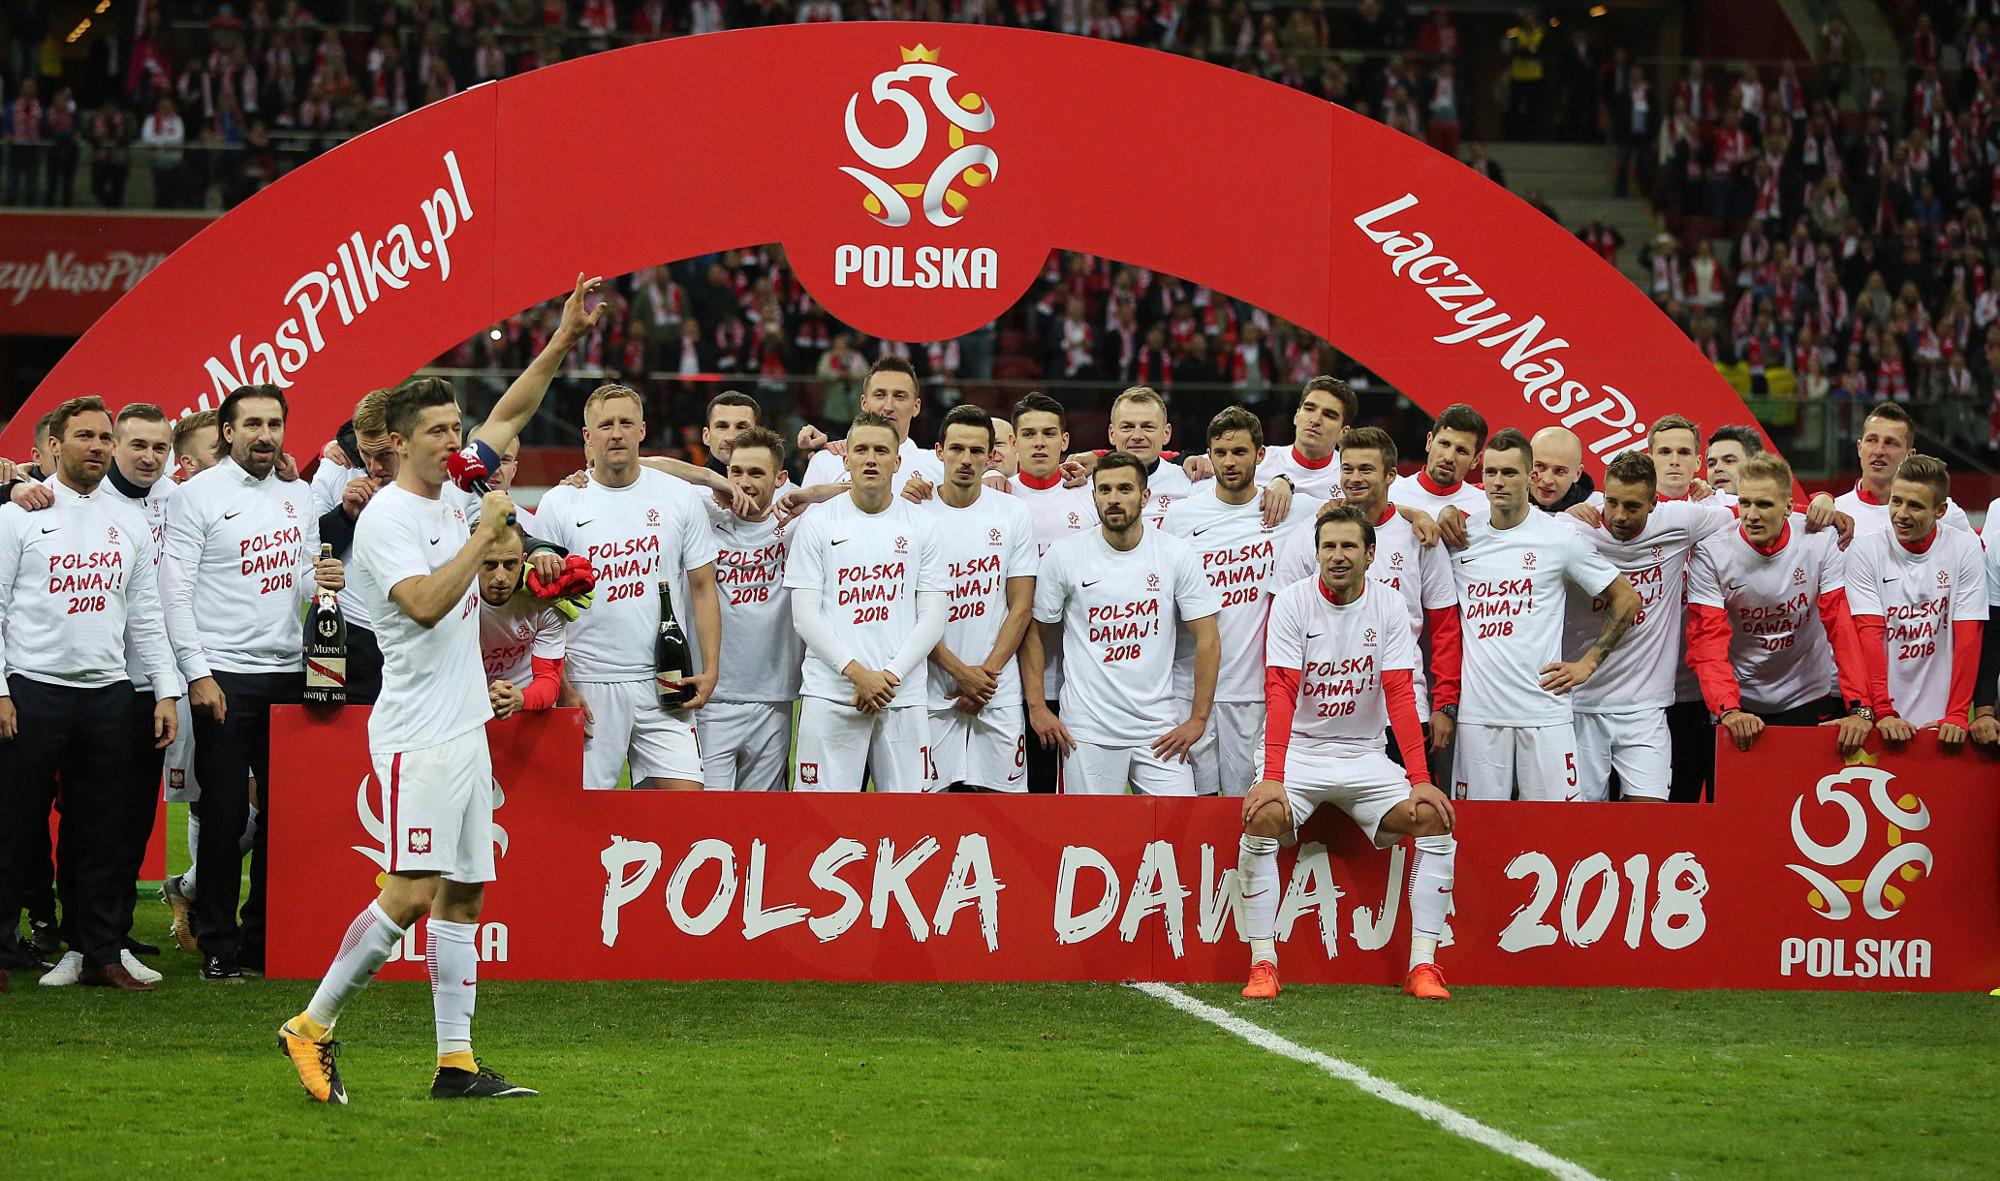 Reprezentacja Polski w piłce nożnej świętuje po wygranym meczu z Czarnogórą rozegranym w ramach eliminacji do mundialu w Rosji (fot. AP Photo / Czarek Sokołowski)